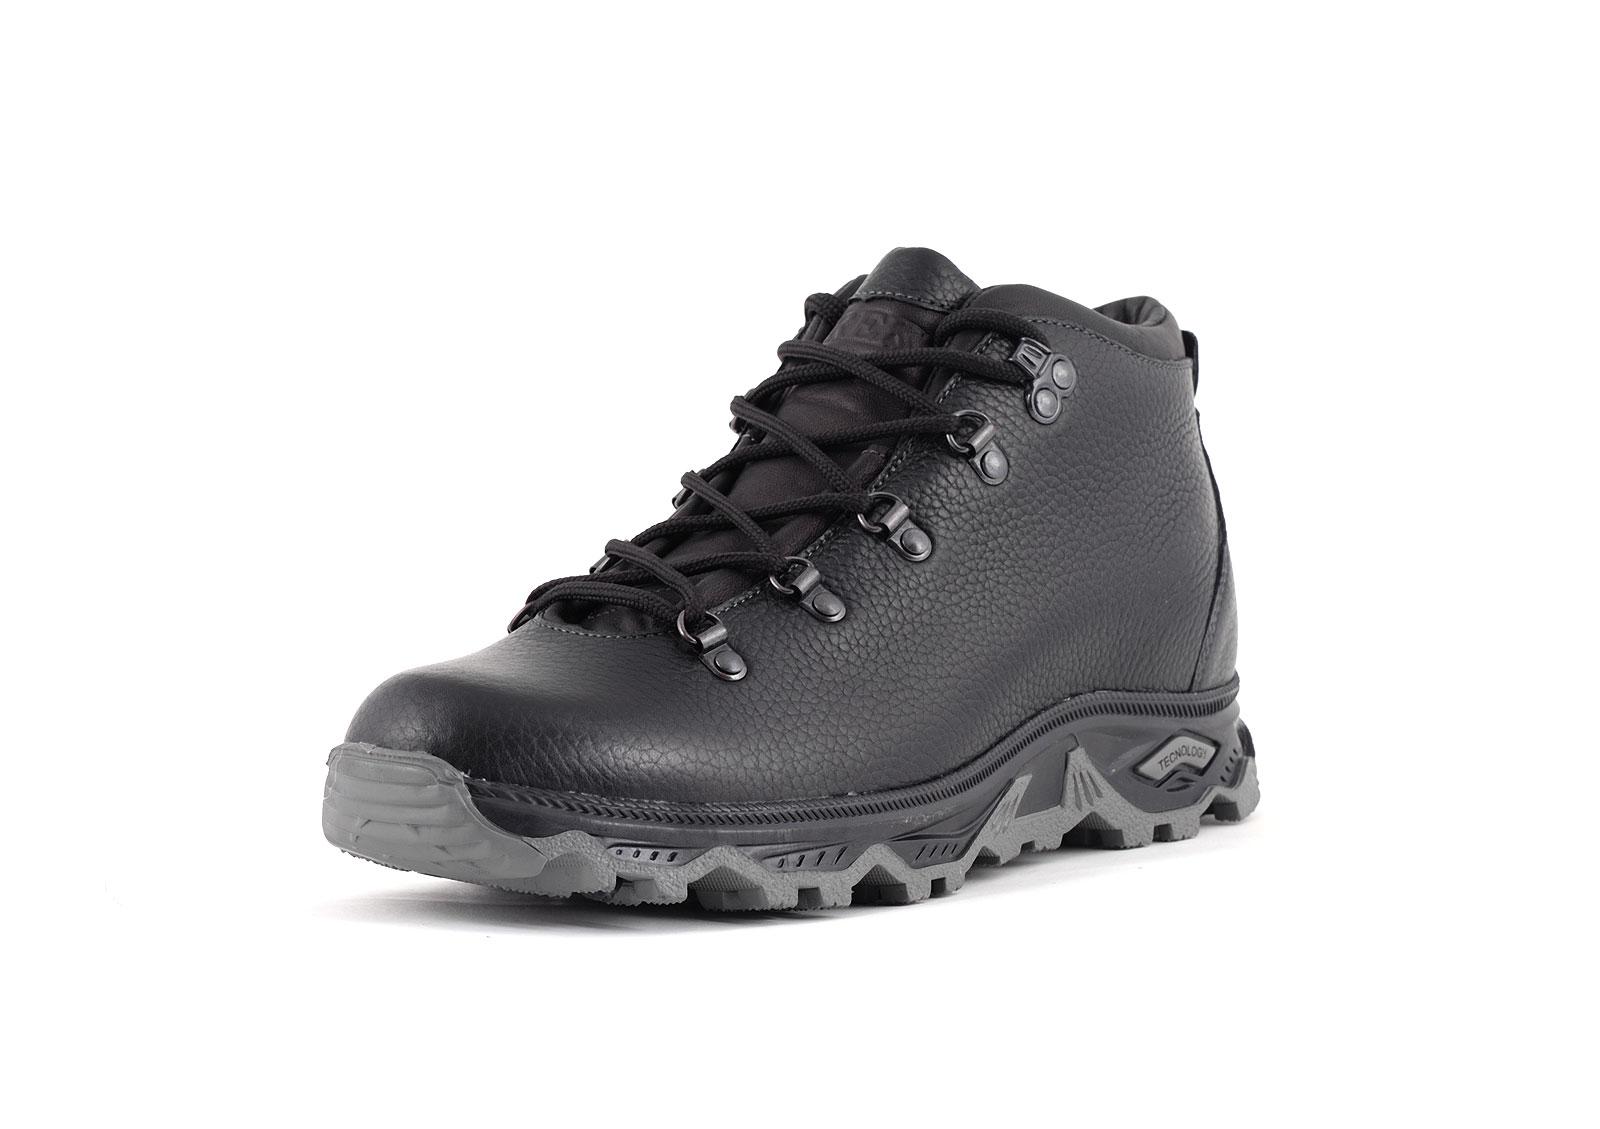 Купить Ботинки TREK Andes1 (капровелюр), Обувная фабрика Trek